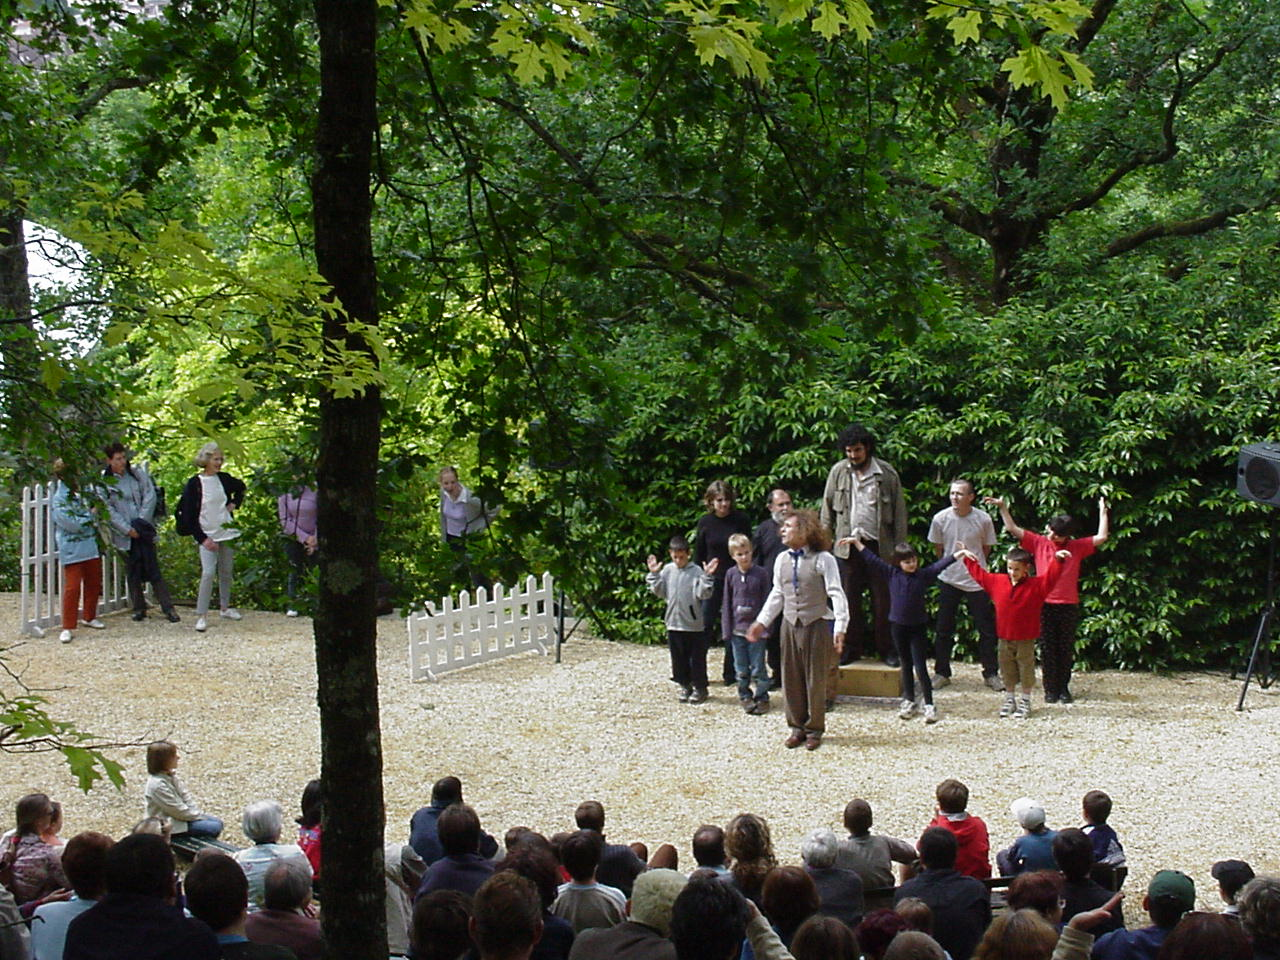 Versailles lire au jardin nouvelles le ons de jardins for Lire au jardin 2015 versailles